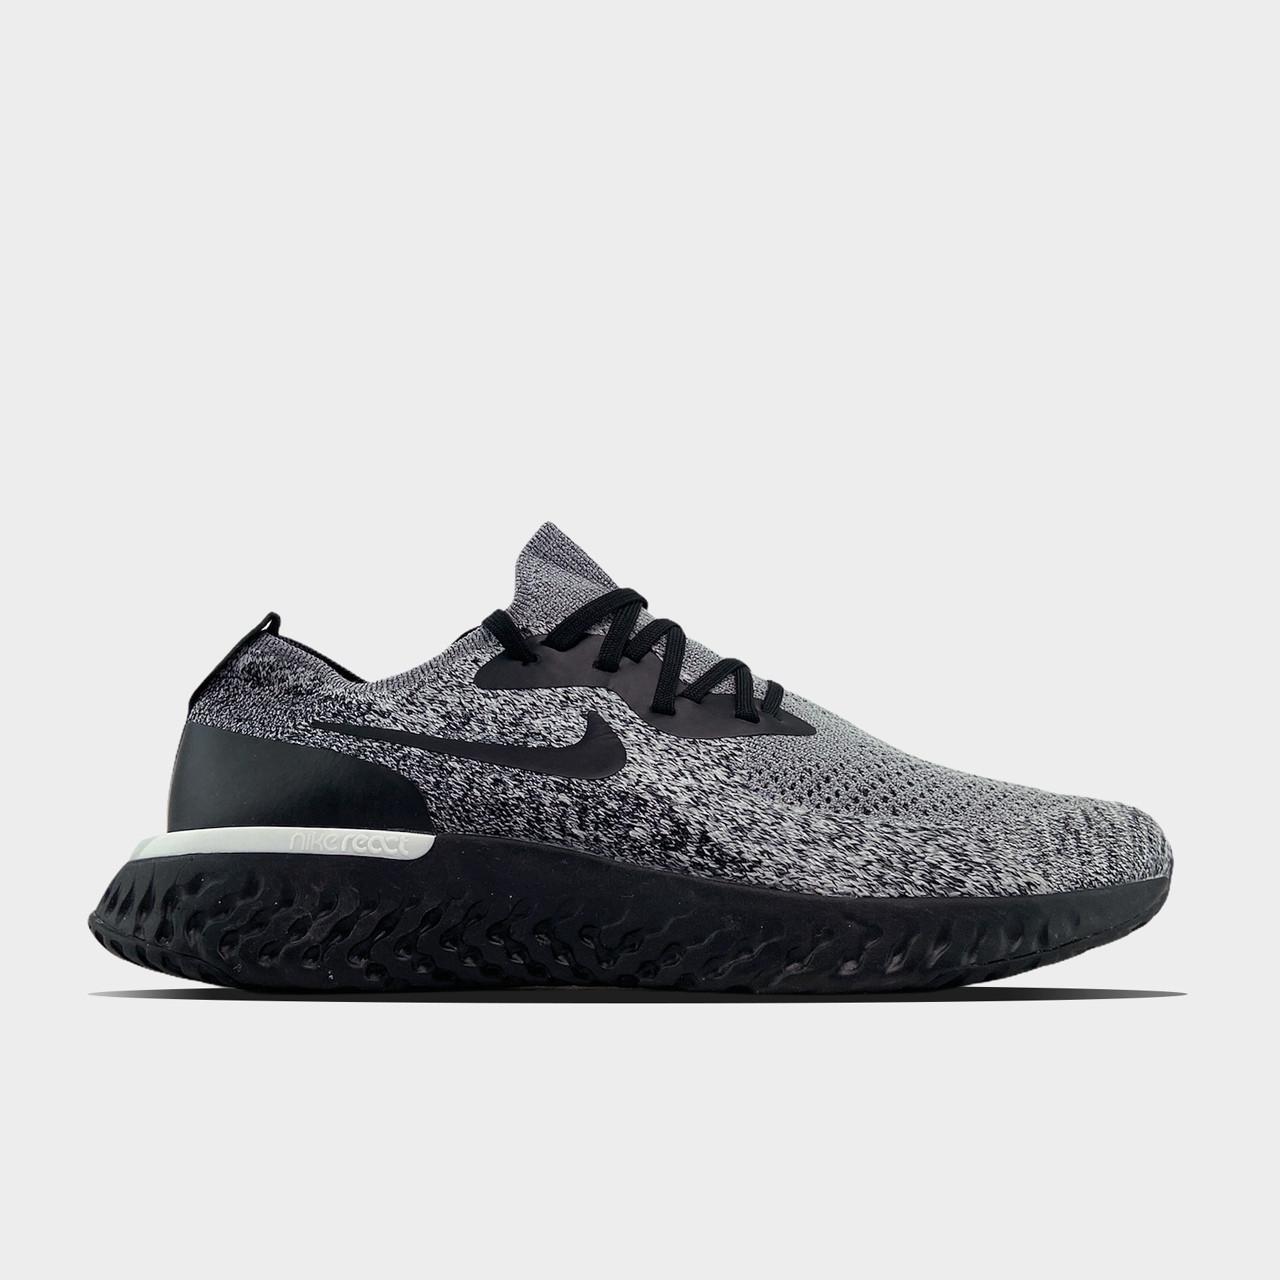 Nike чоловічі демісезонні сірі кросівки на шнурках. Весняні чоловічі текстильні кроси.